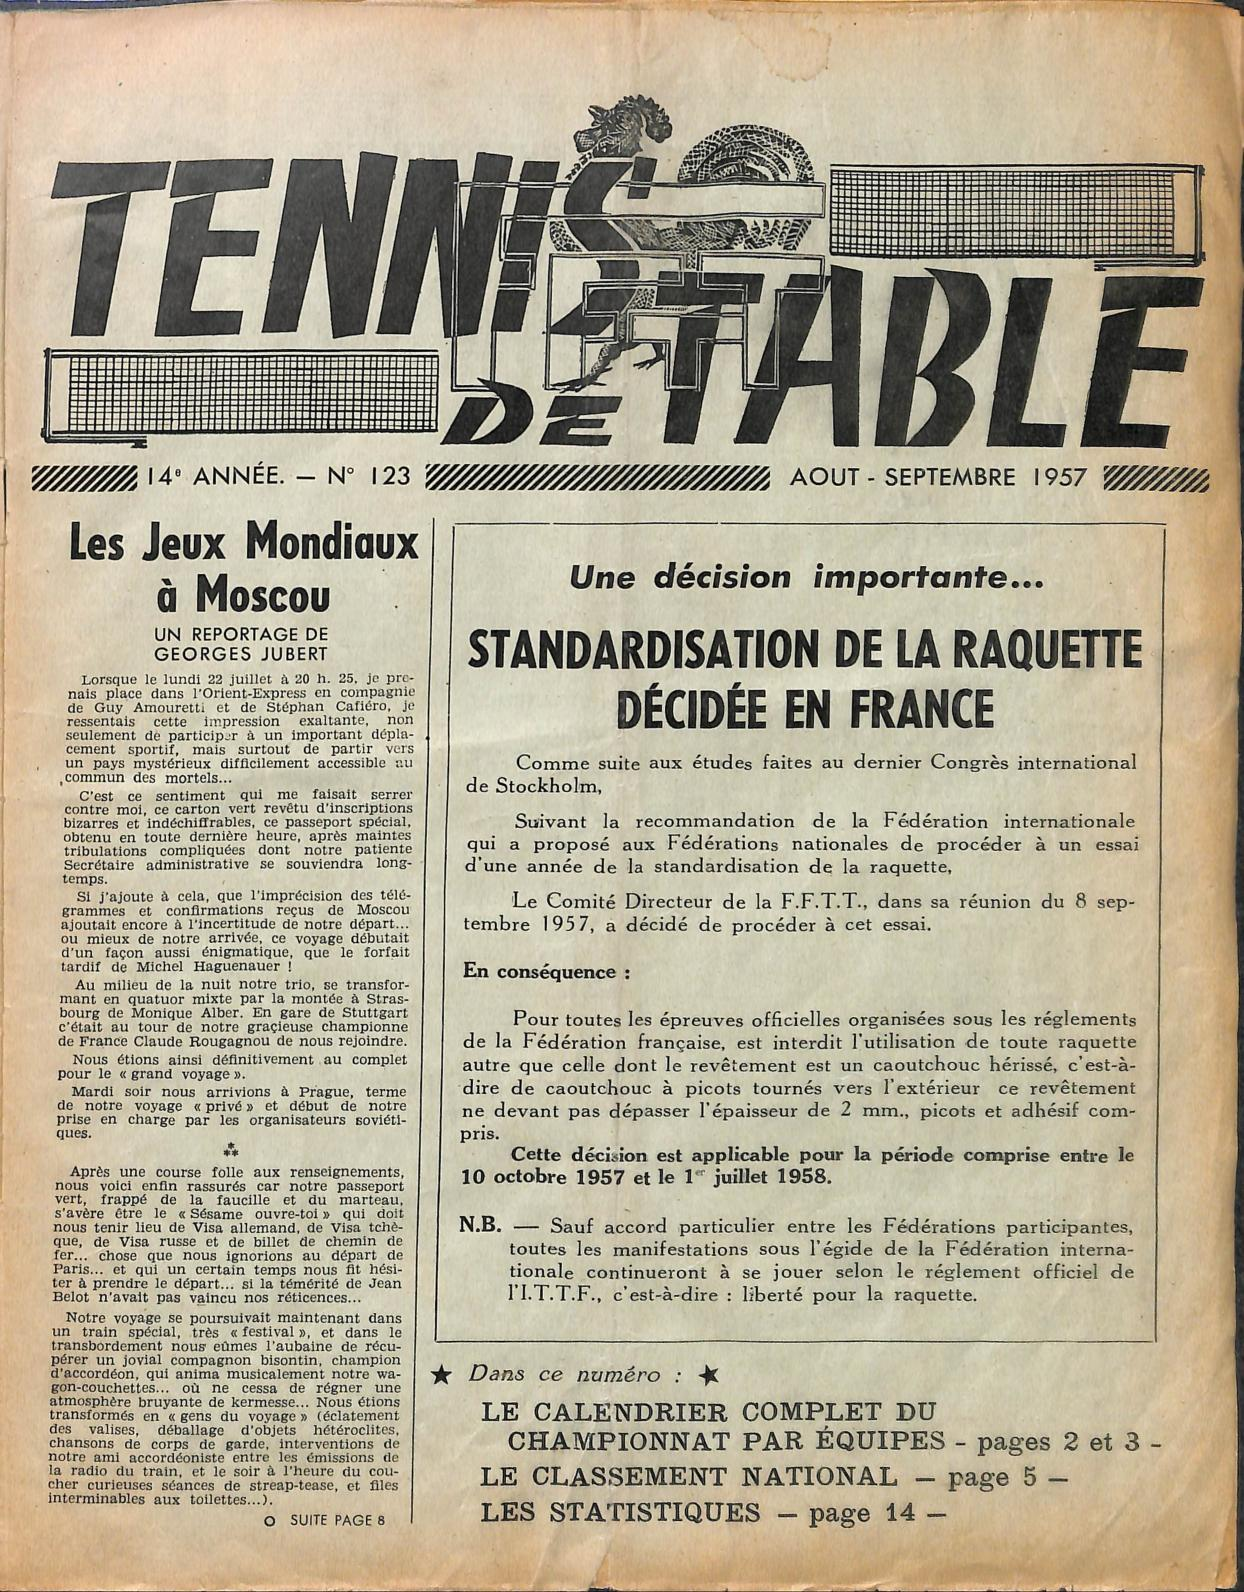 3e2b9bd4df8 Calaméo - 1957 08 09 123 TENNIS DE TABLE